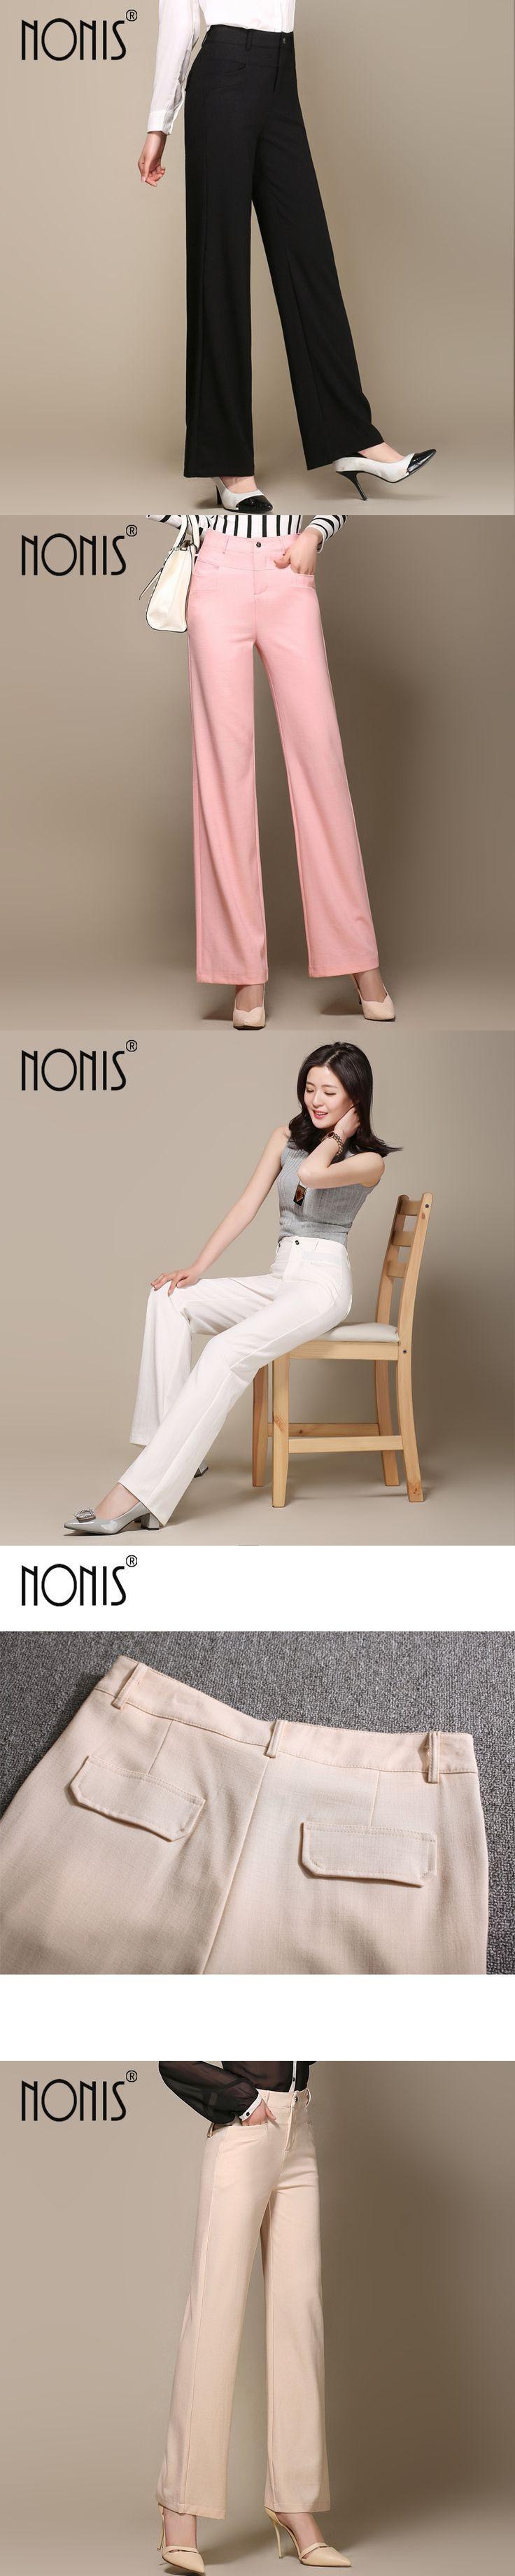 Nonis 2017 women wide leg pants femme Cotton Linen trousers Spring Summer pantalon capris plus size S-3Xl loose pant